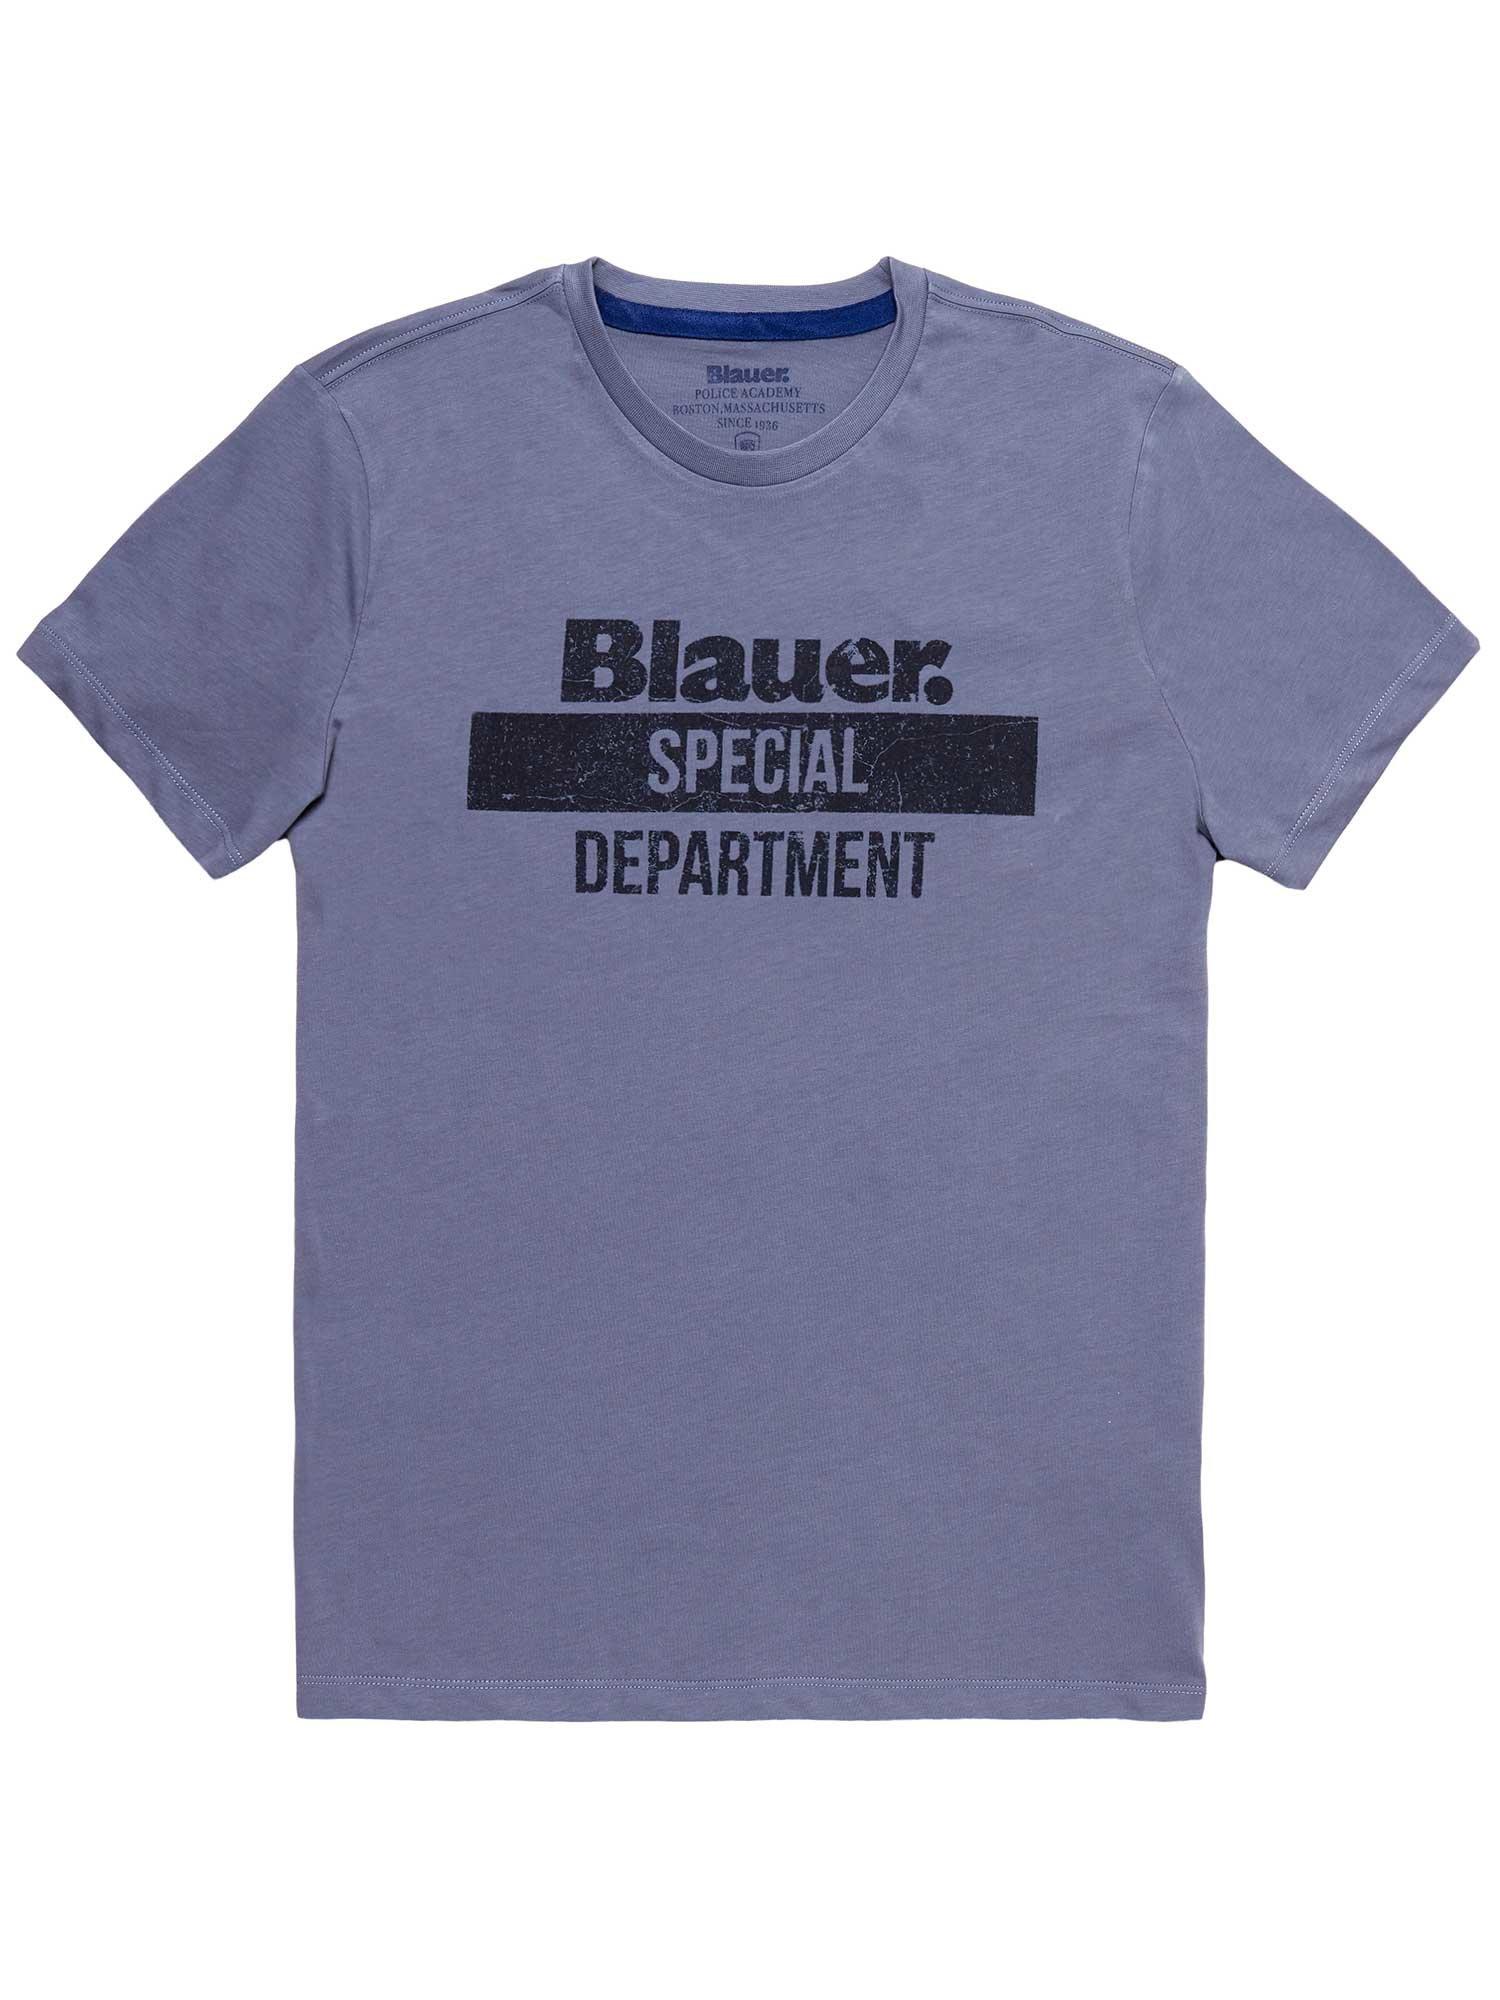 T-SHIRT BLAUER SPECIAL DEPARTMENT - Dark Avio - Blauer